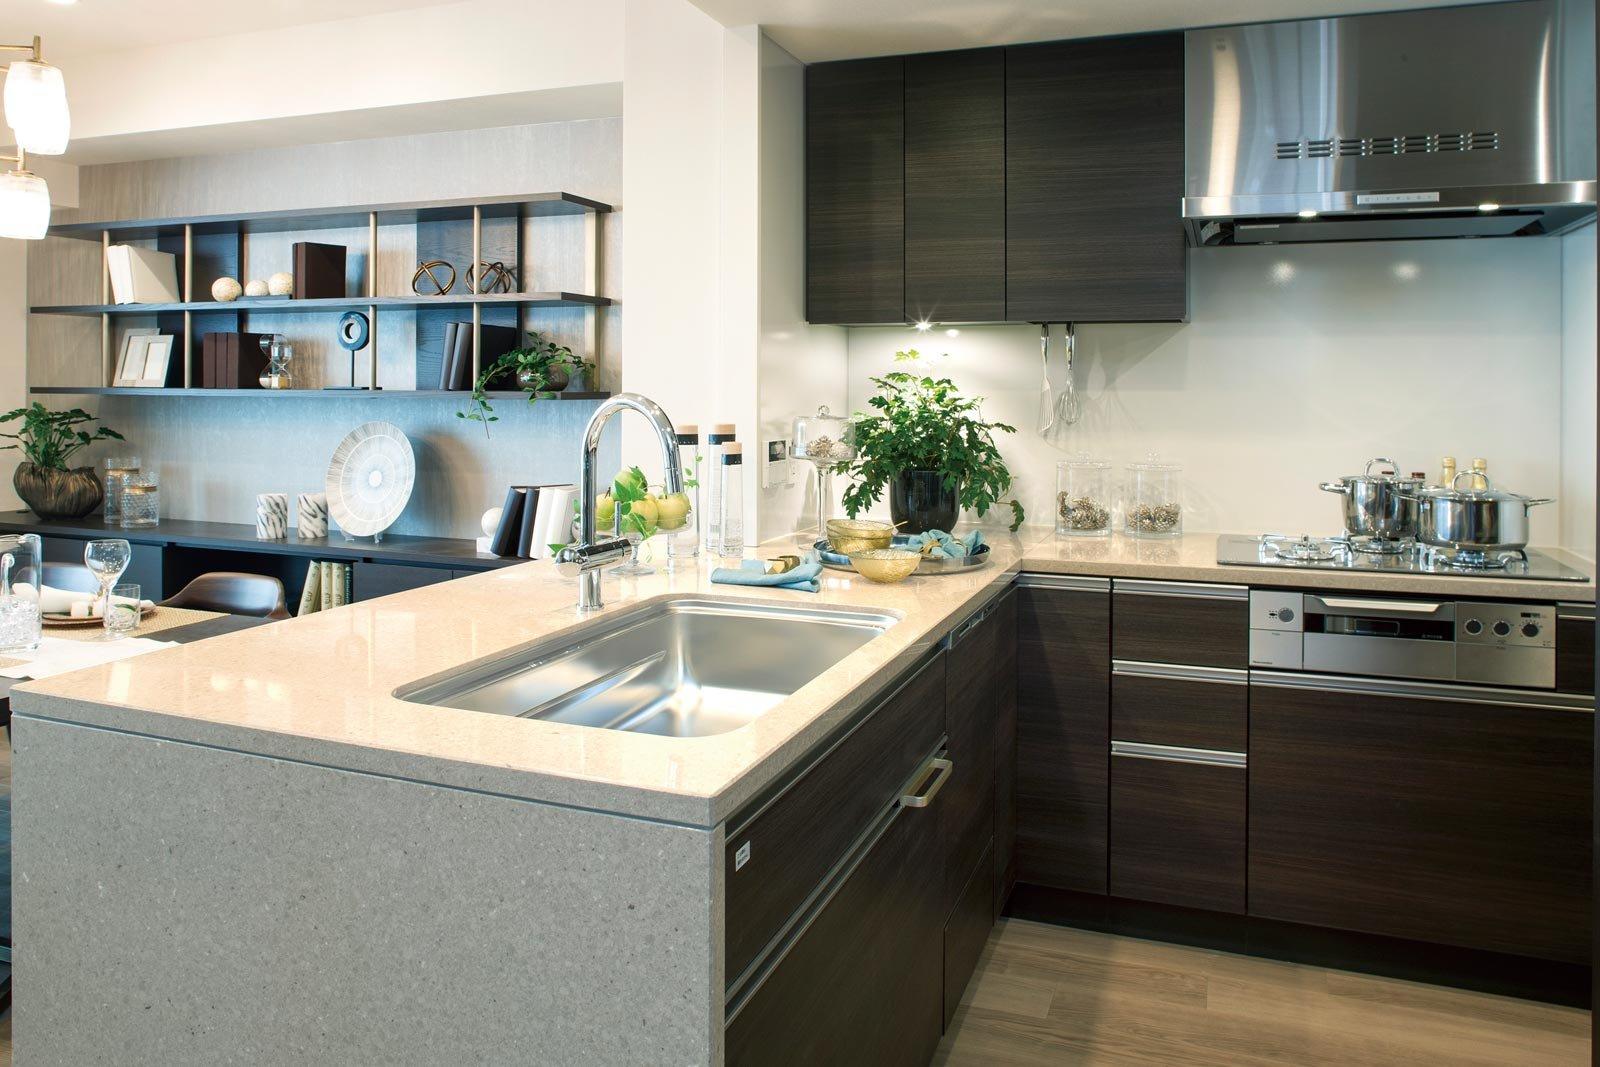 kitchen_city-mitaka.jpg